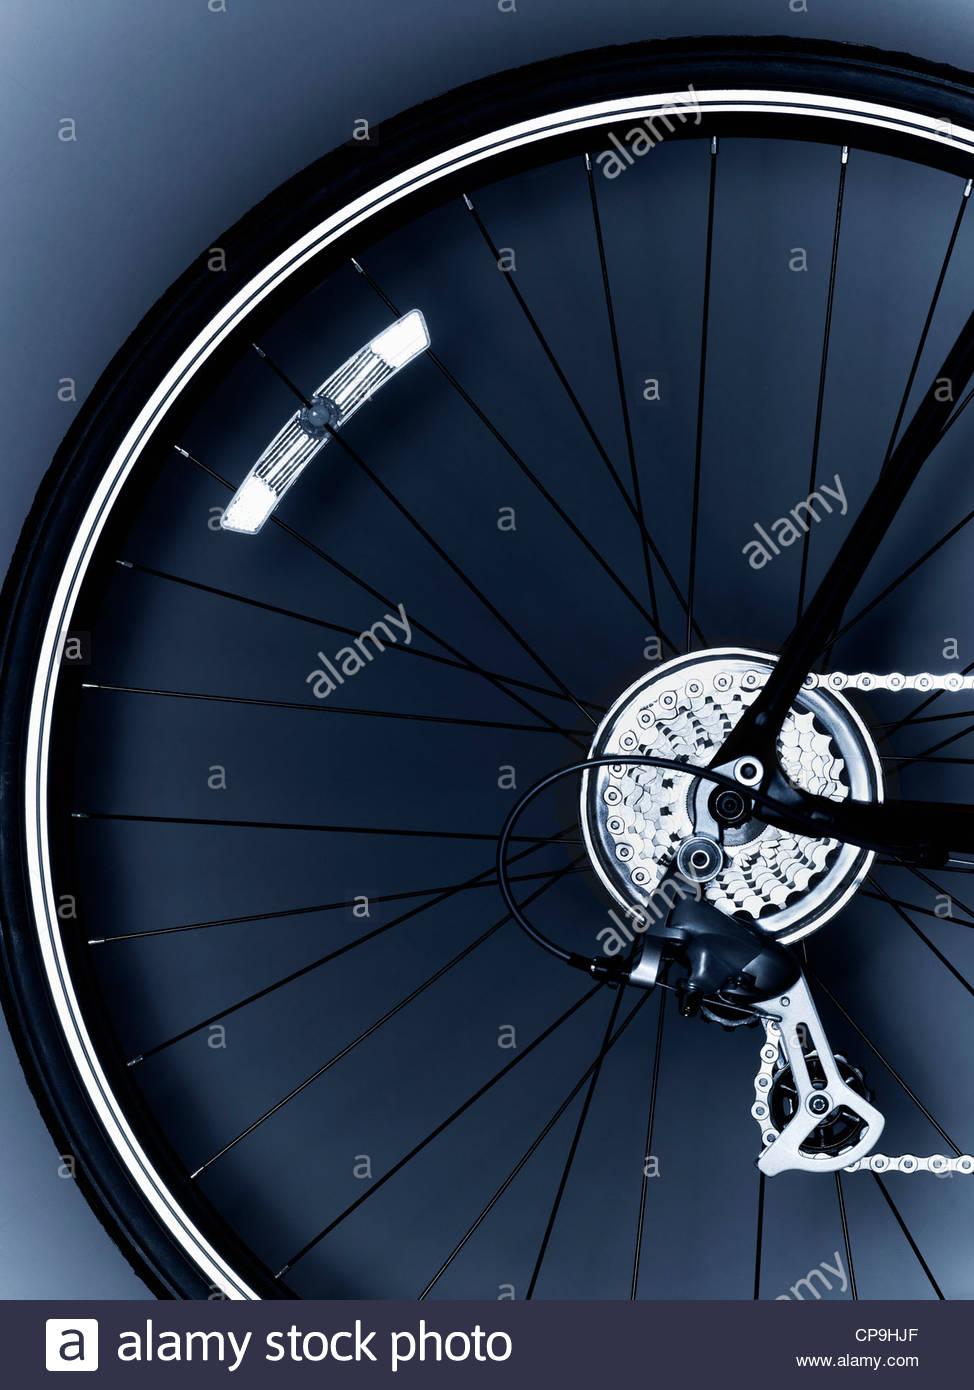 Fahrrad, Fahrrad-Ausrüstung, Fahrradreifen, Kette, Nahaufnahme, Rädchen, Farbe, detail, Getriebe, keine Stockbild